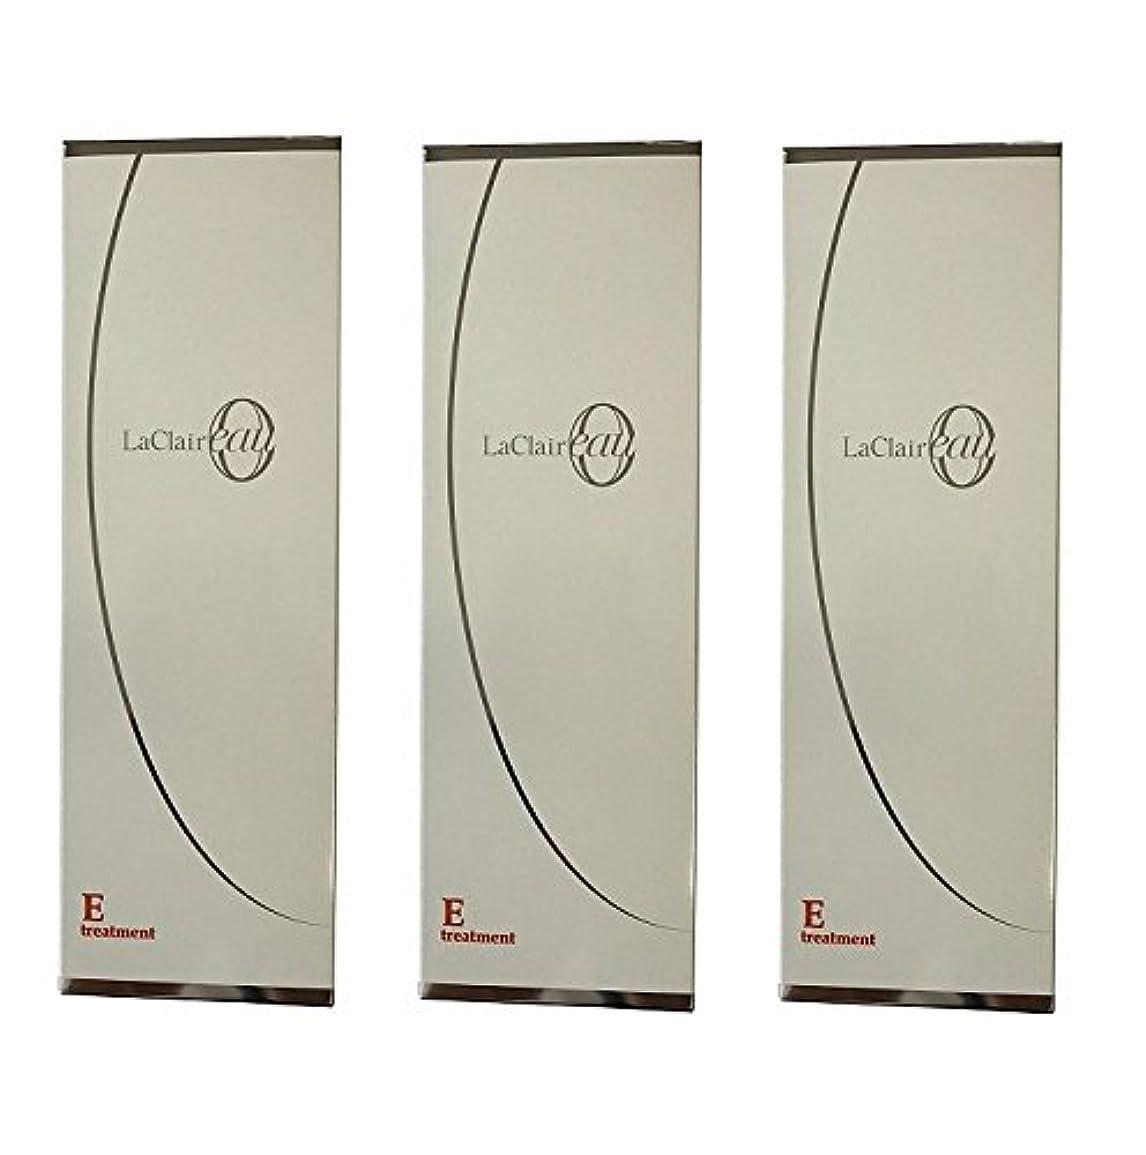 過敏なとにかく乳製品【3本セット】 タマリス 新ラクレア オー トリートメント E 230g